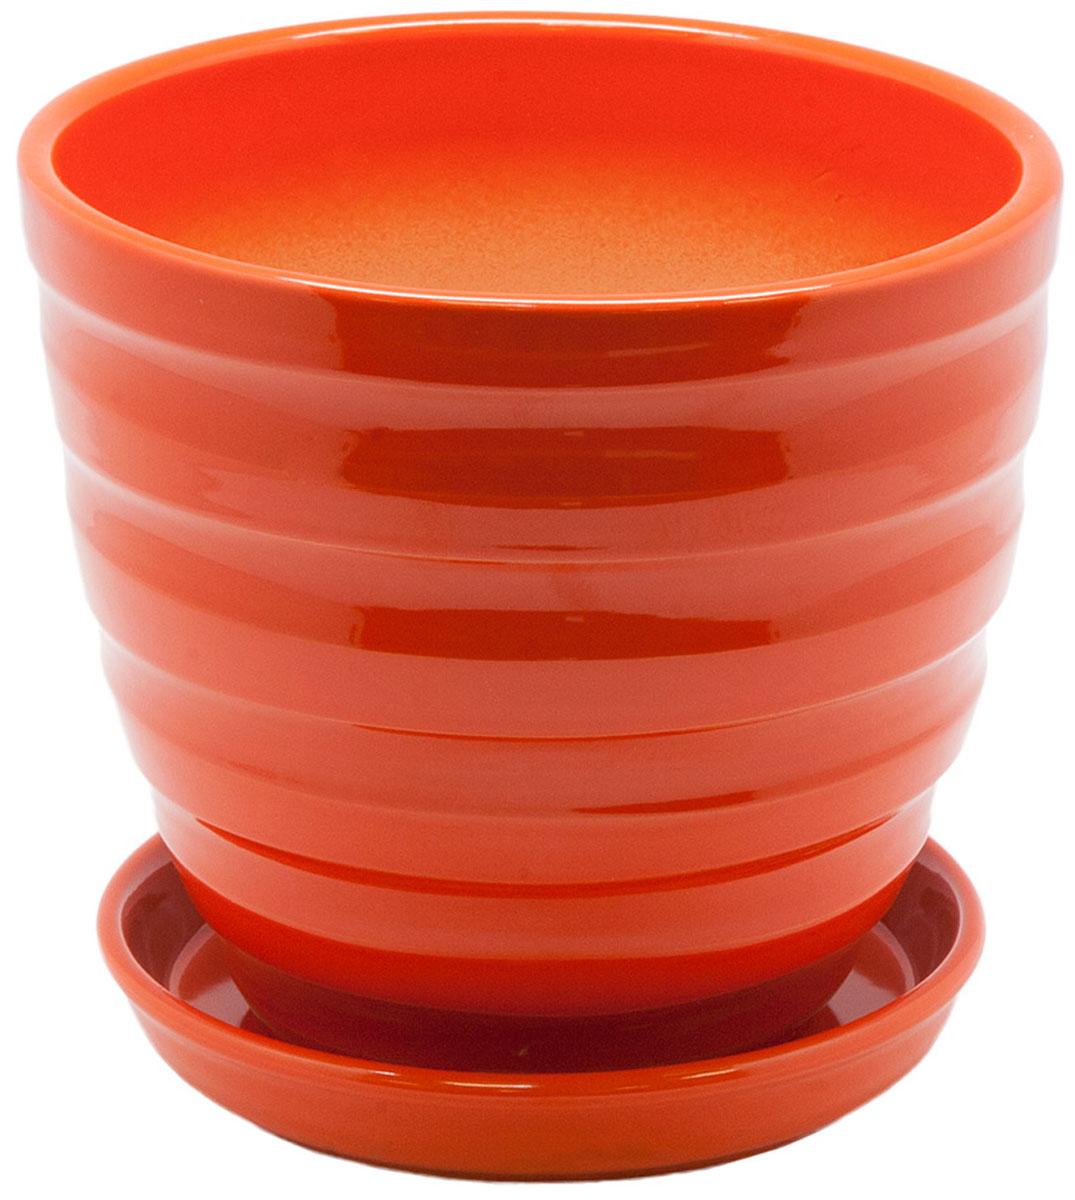 Горшок цветочный Engard, с поддоном, цвет: рыжий, 2,4 лBH-22-2Керамический горшок - это идеальное решение для выращивания комнатных растений и создания изысканности в интерьере. Керамический горшок сделан из высококачественной глины в классической форме и оригинальном дизайне.